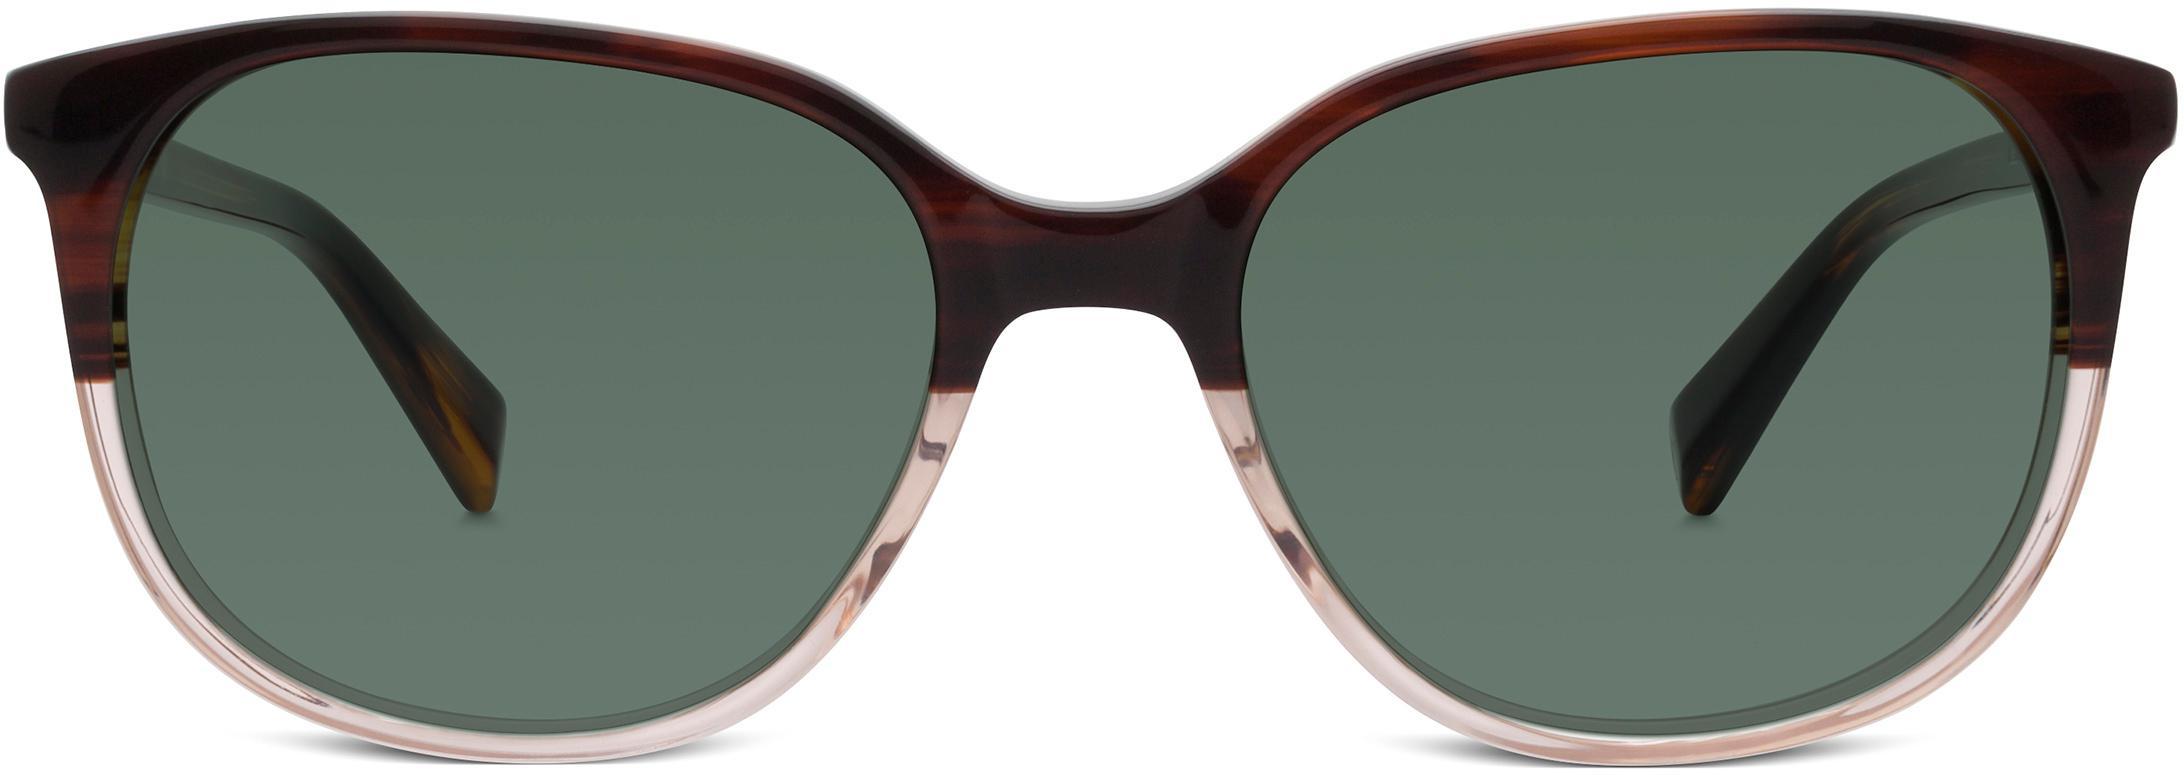 899926f69f Women s Sunglasses